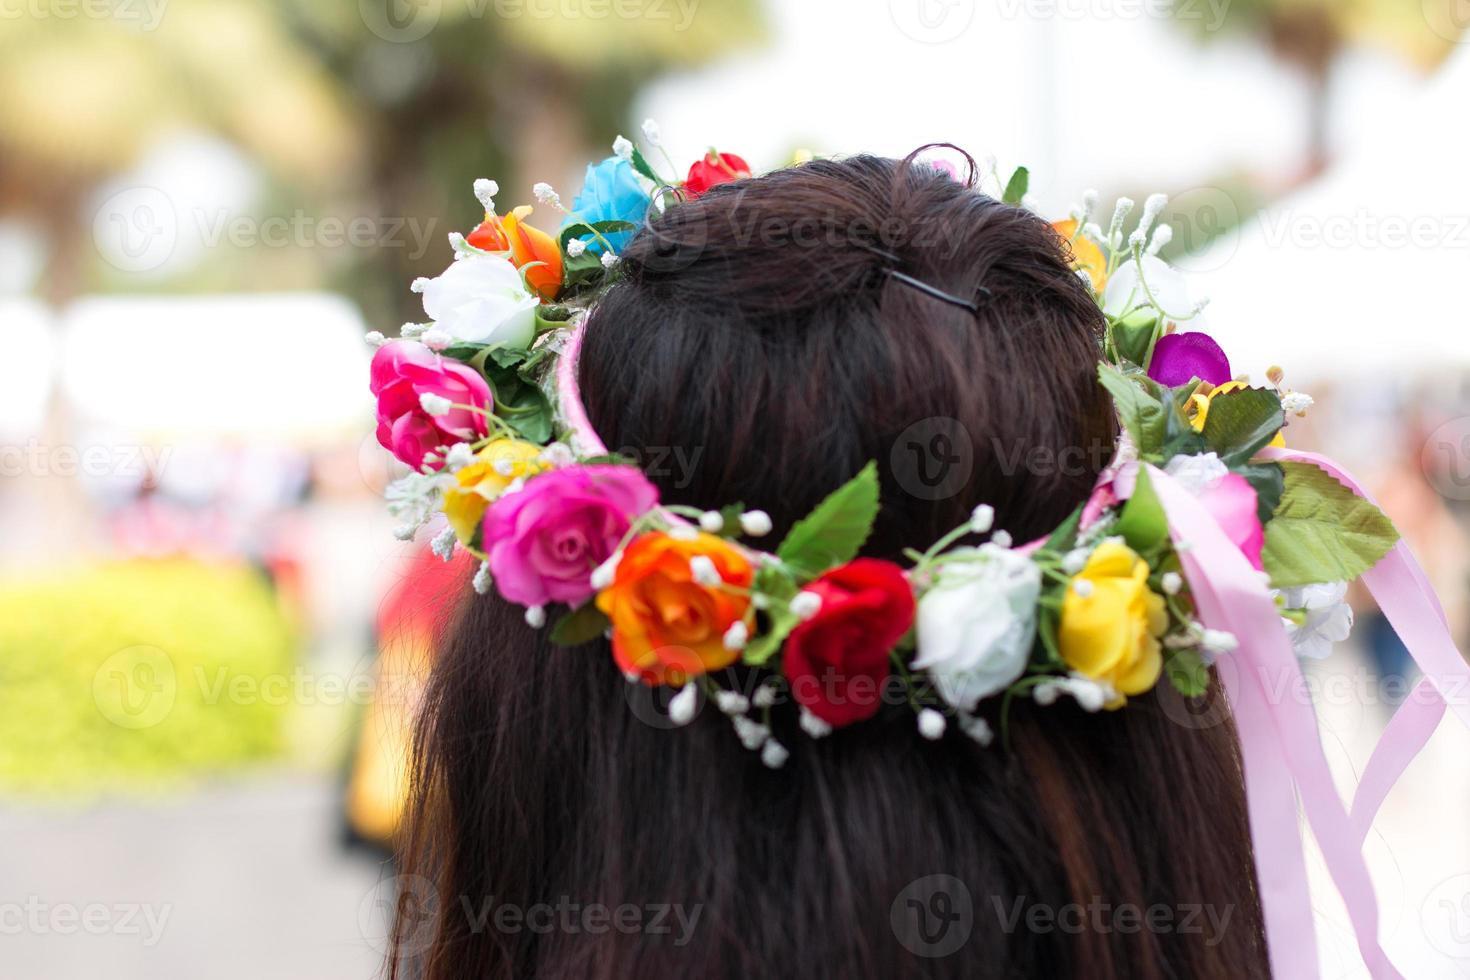 ragazza con ghirlanda di fiori colorati foto